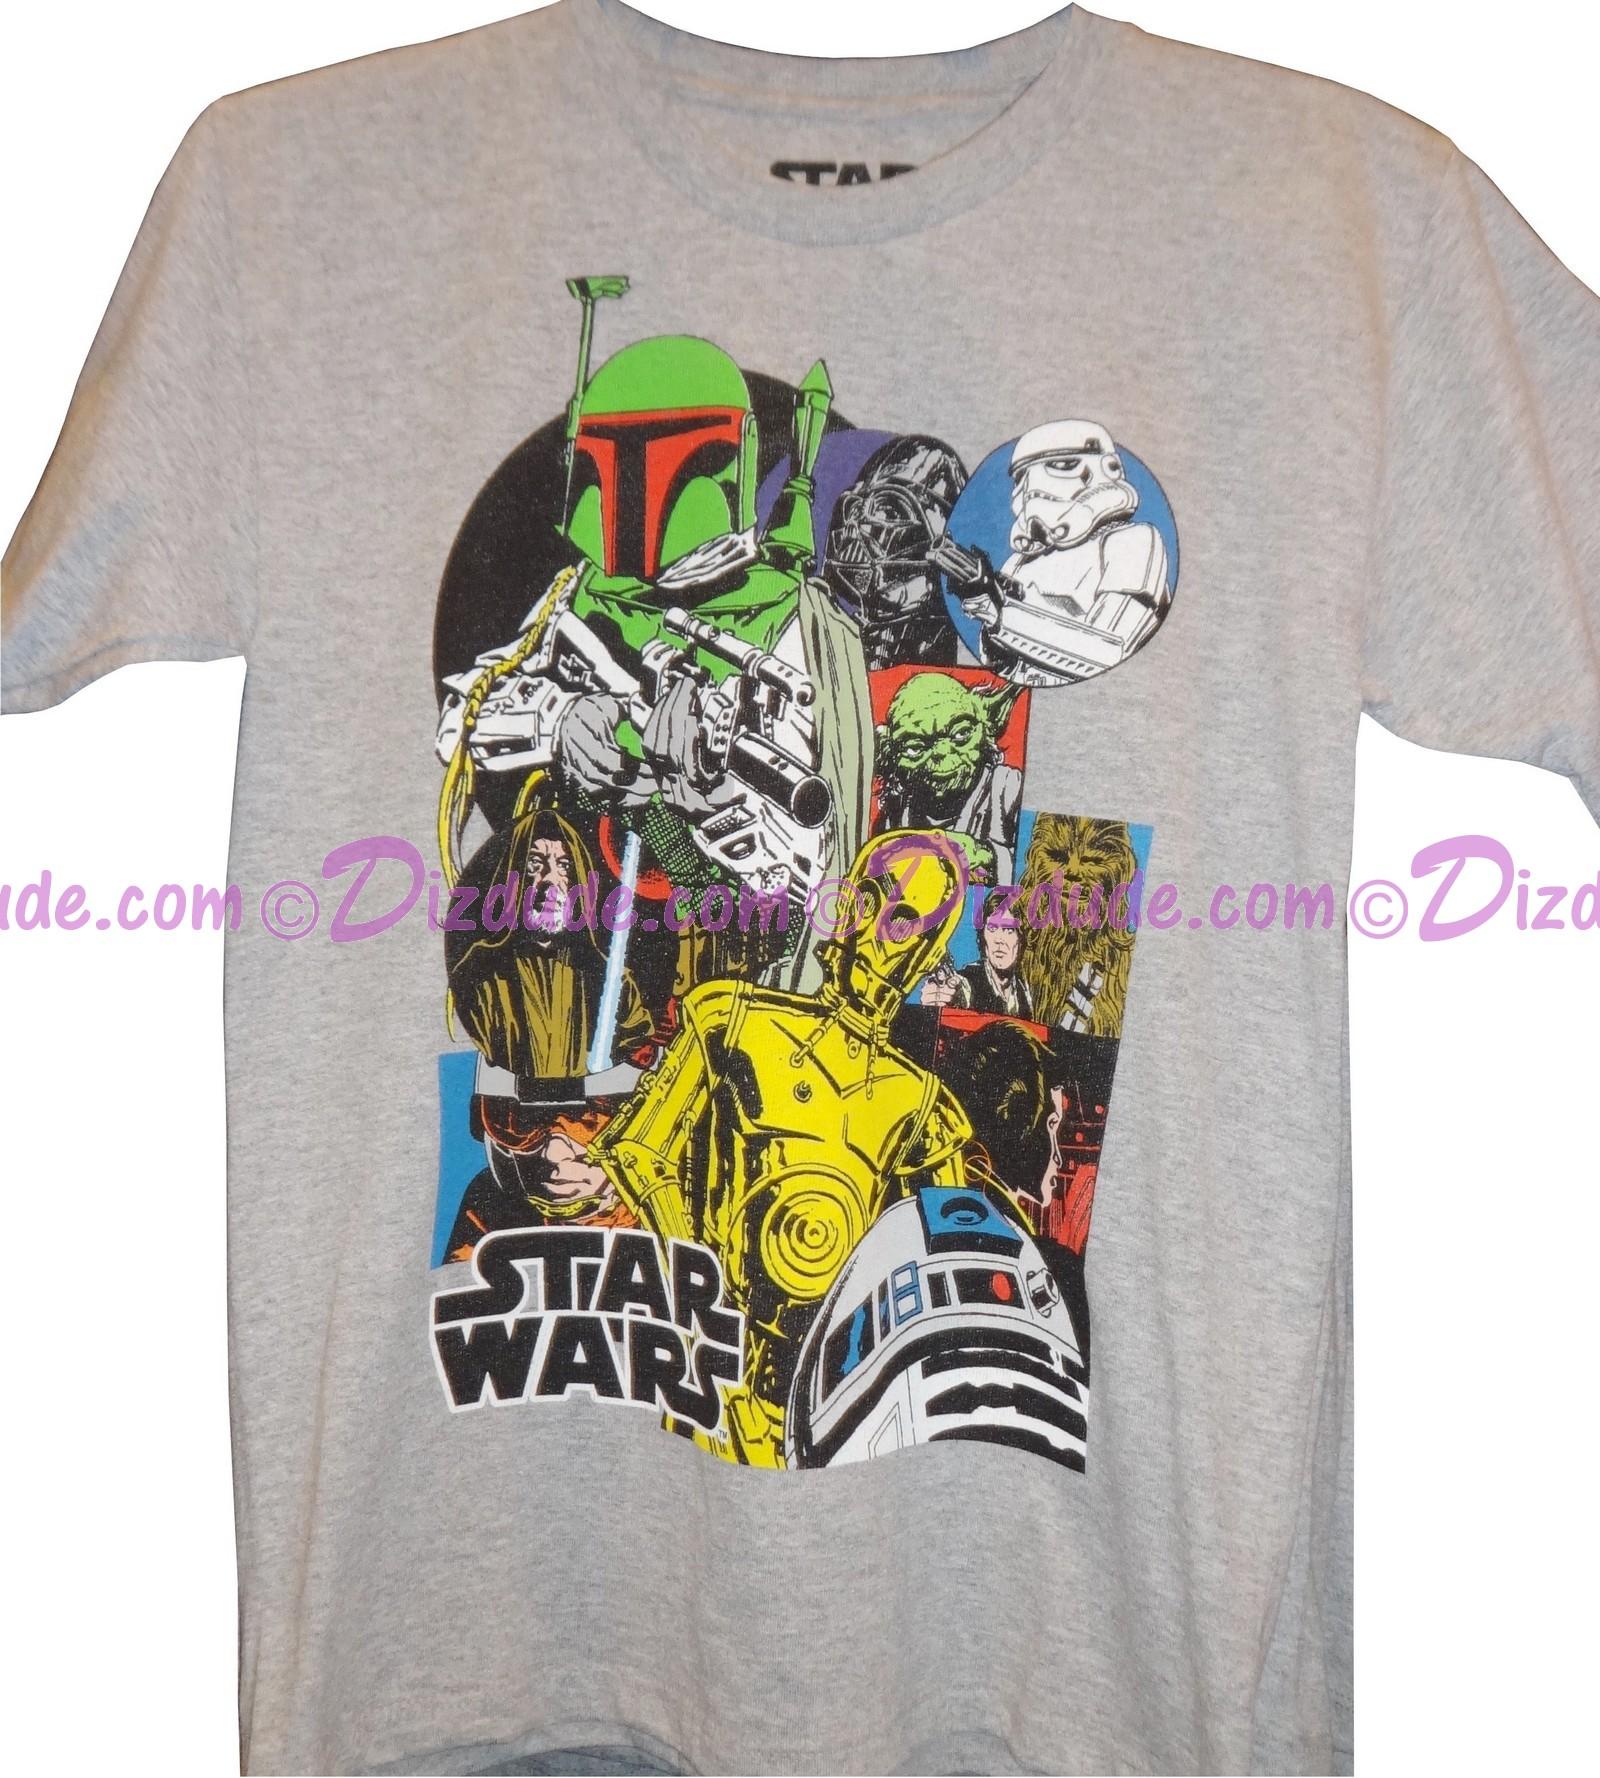 Disney Star Wars Youth T-Shirt (Tshirt, T shirt or Tee) © Dizdude.com